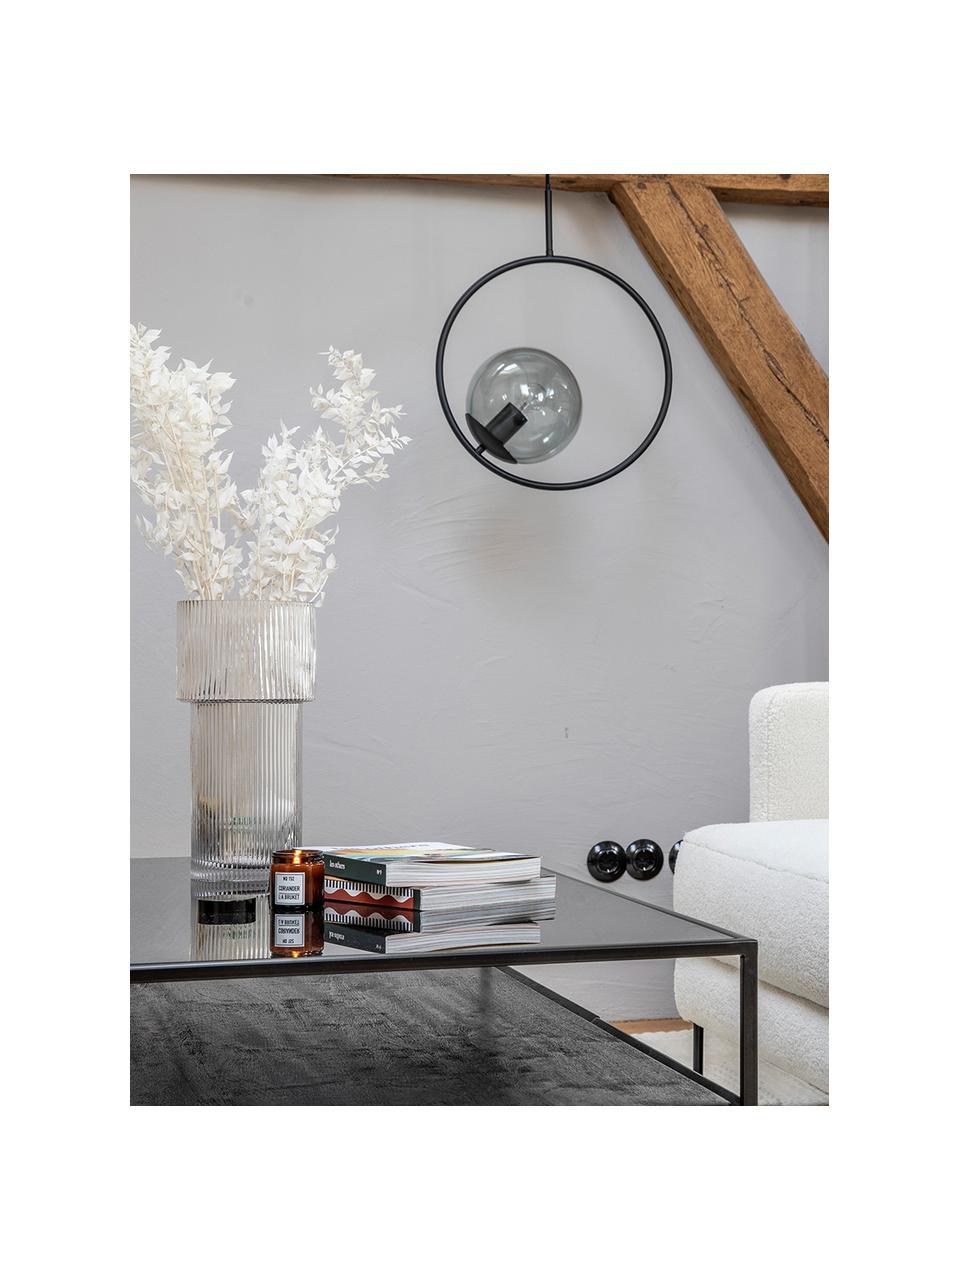 Pendelleuchte Chloe aus Rauchglas, Lampenschirm: Rauchglas, Baldachin: Metall, pulverbeschichtet, Grau, Schwarz, 40 x 51 cm